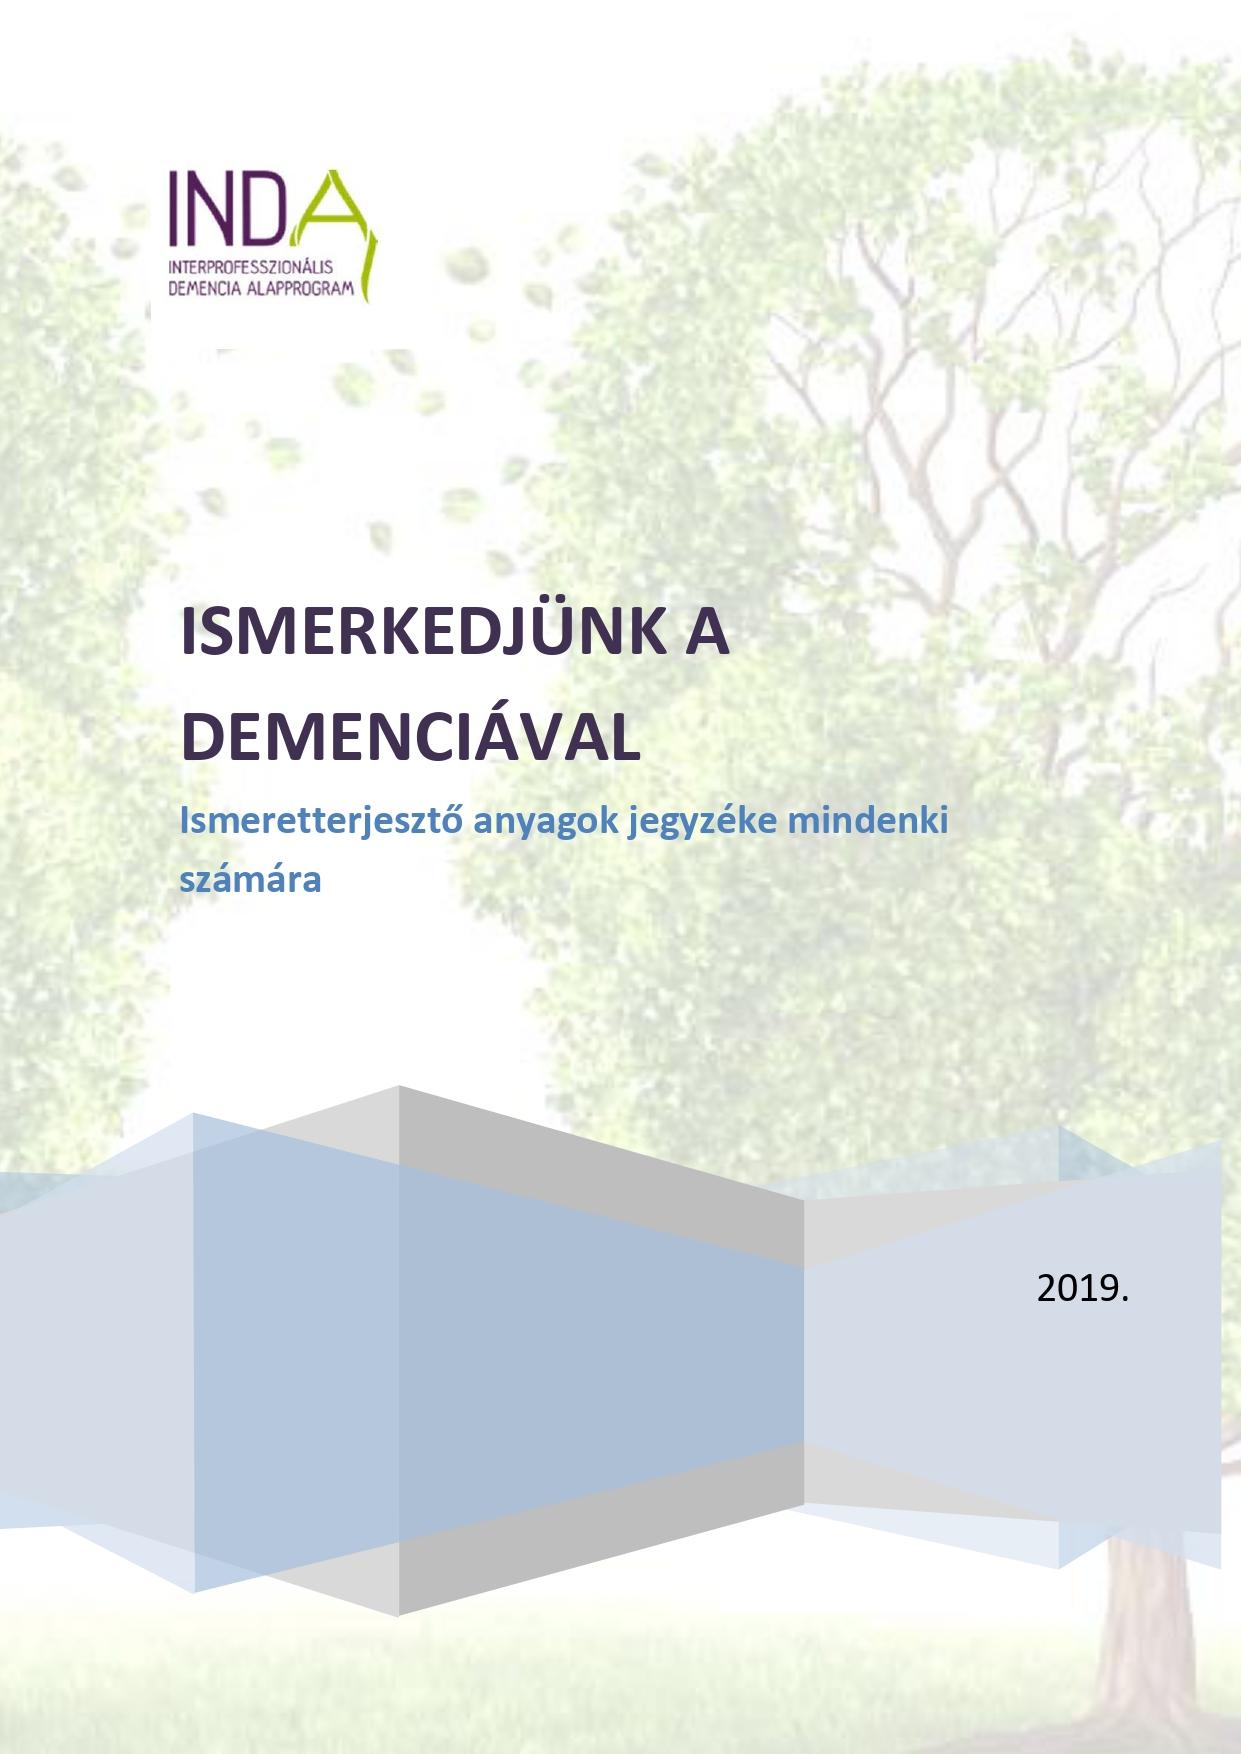 Ismerkedjünk a demenciával! – Ismeretterjesztő művek jegyzéke a demenciáról